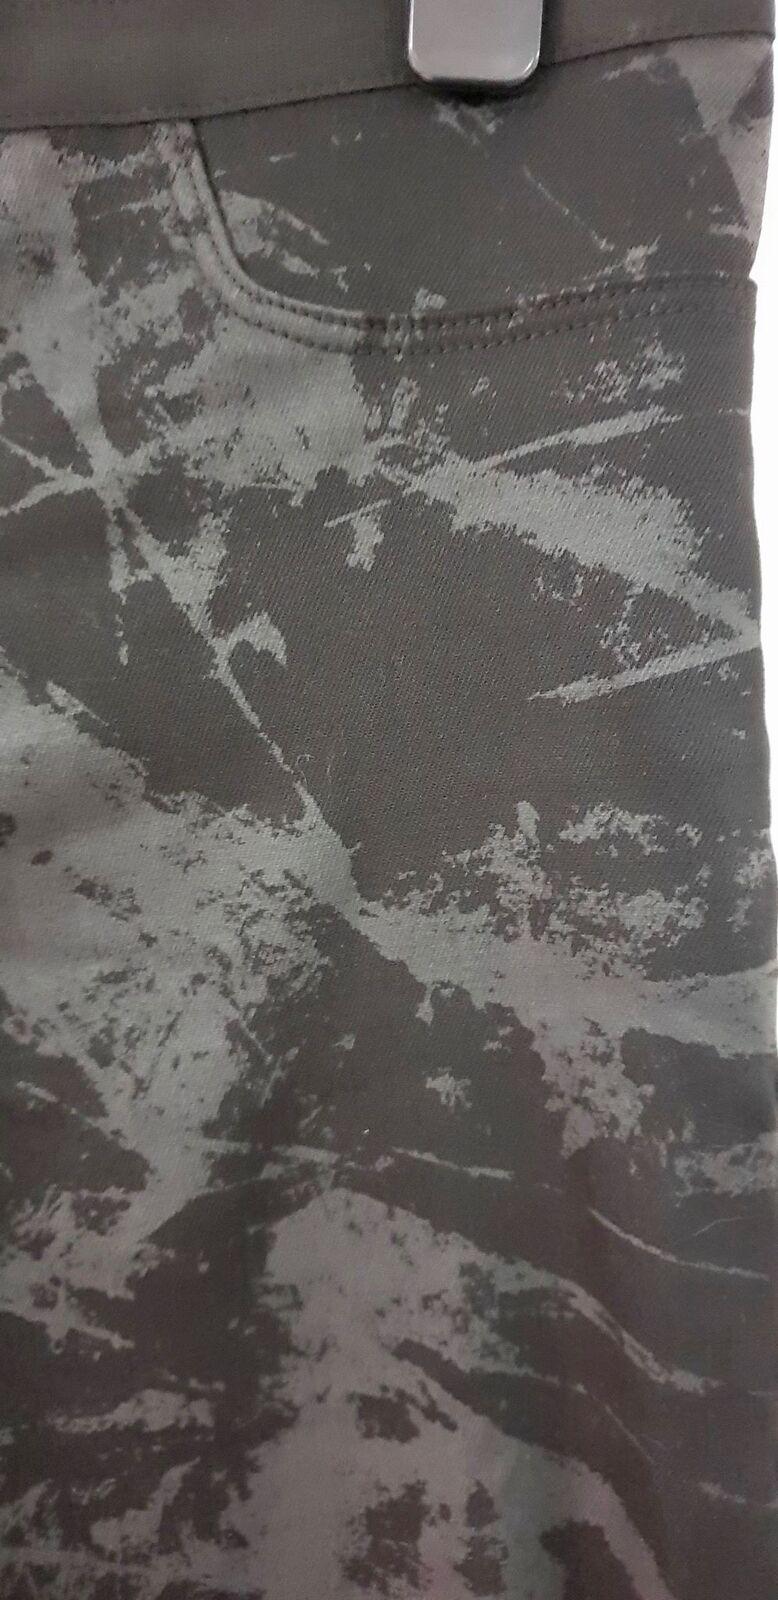 HELMUT LANG NERO GRIGIO GRIGIO GRIGIO FUMO cotone PIEGA Astratto Stampa Crop Pantaloni Pants cff471